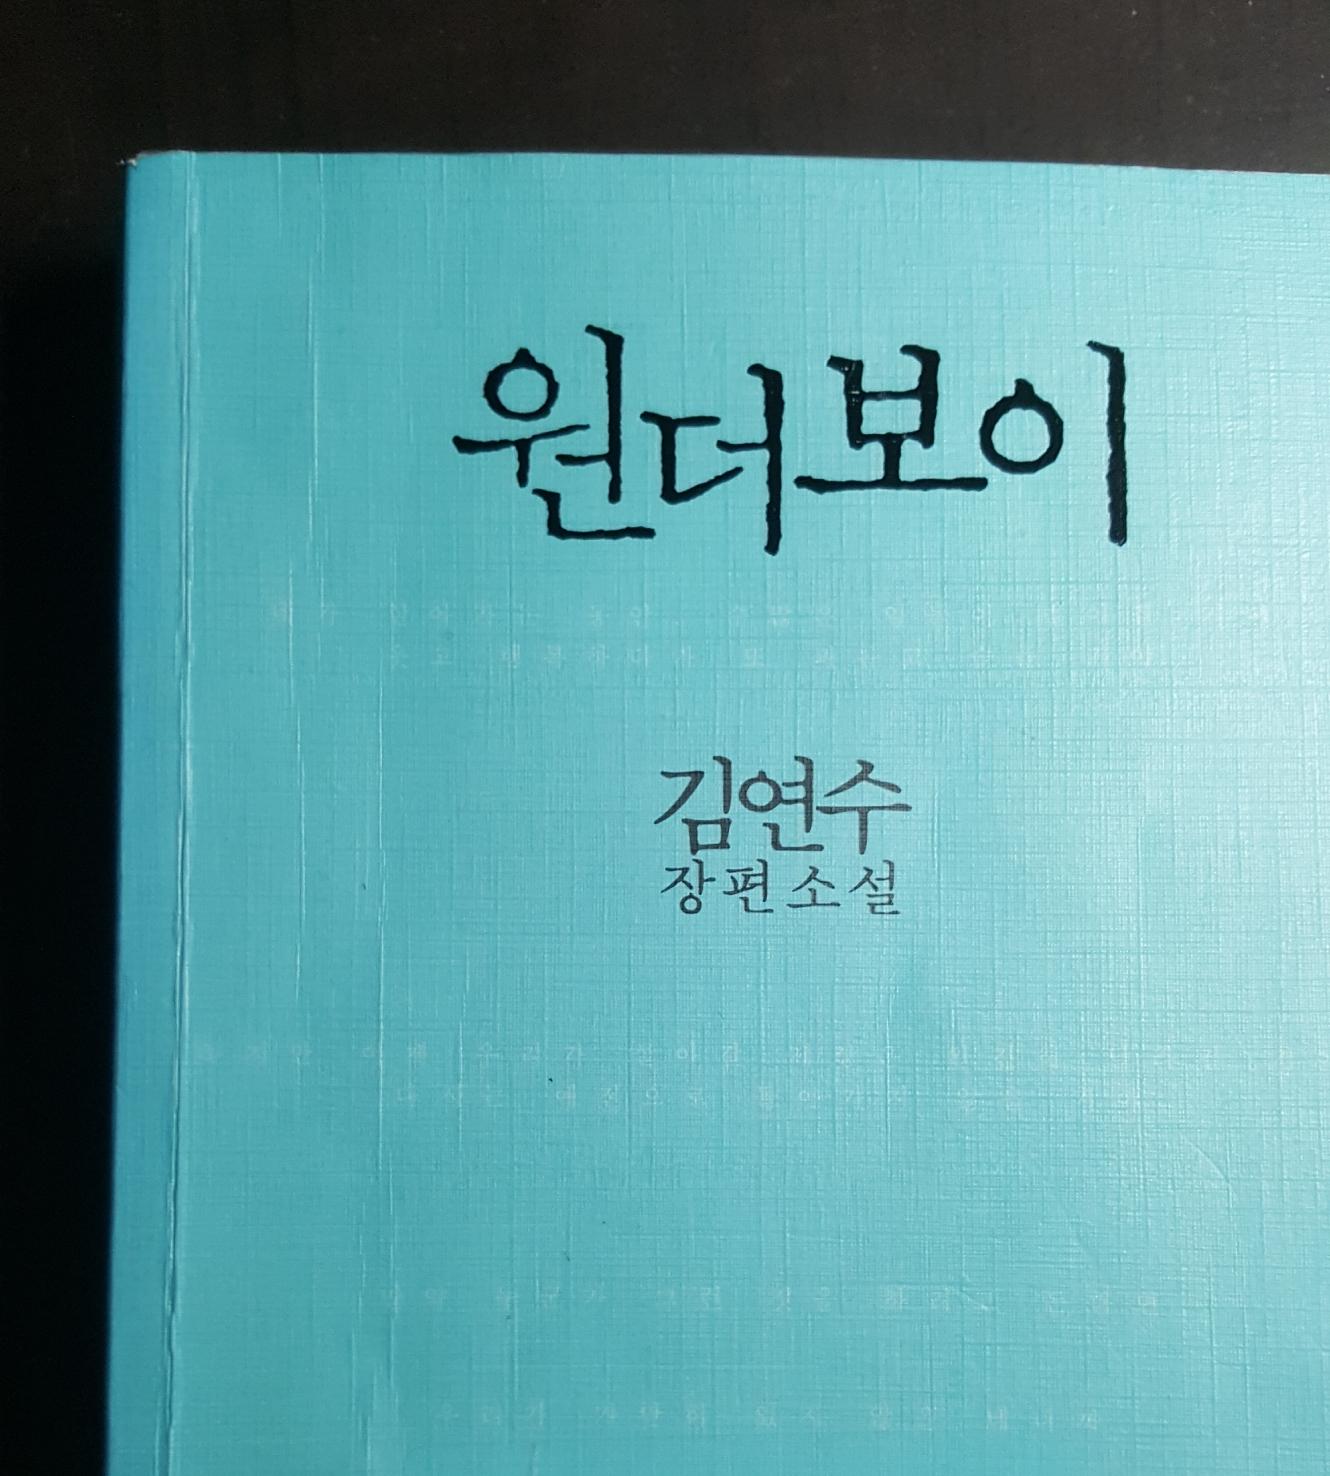 [책]원더보이 - 김연수